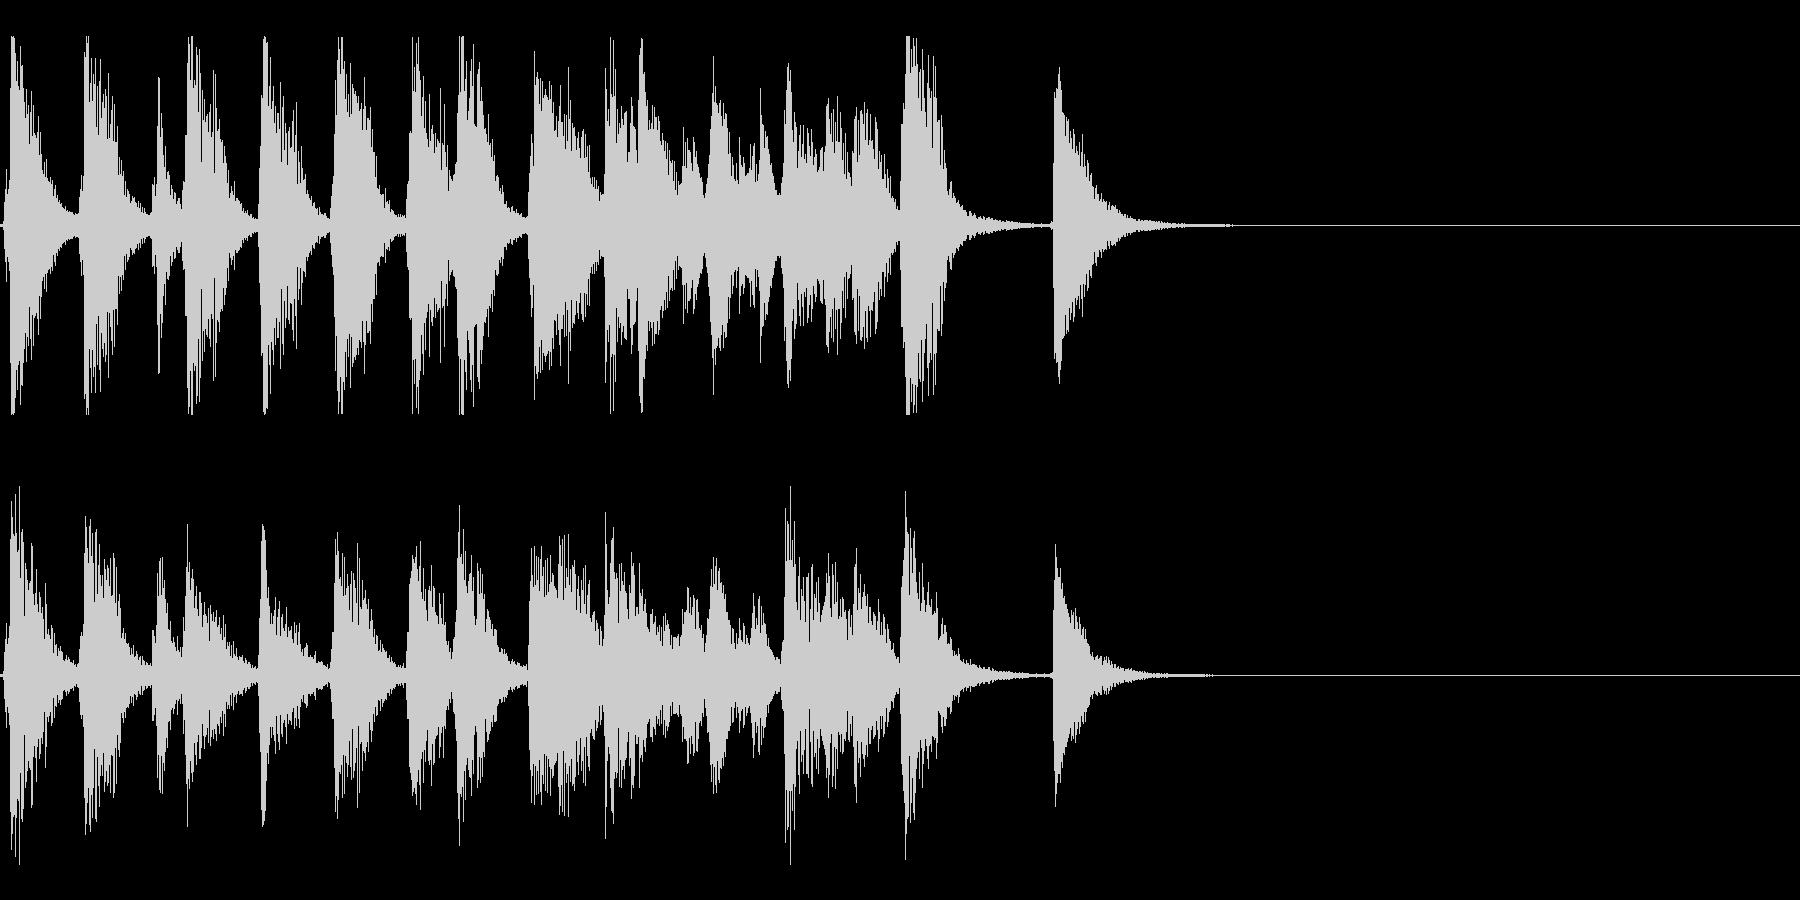 お洒落でリズミカルな6秒ジャズピアノ2の未再生の波形